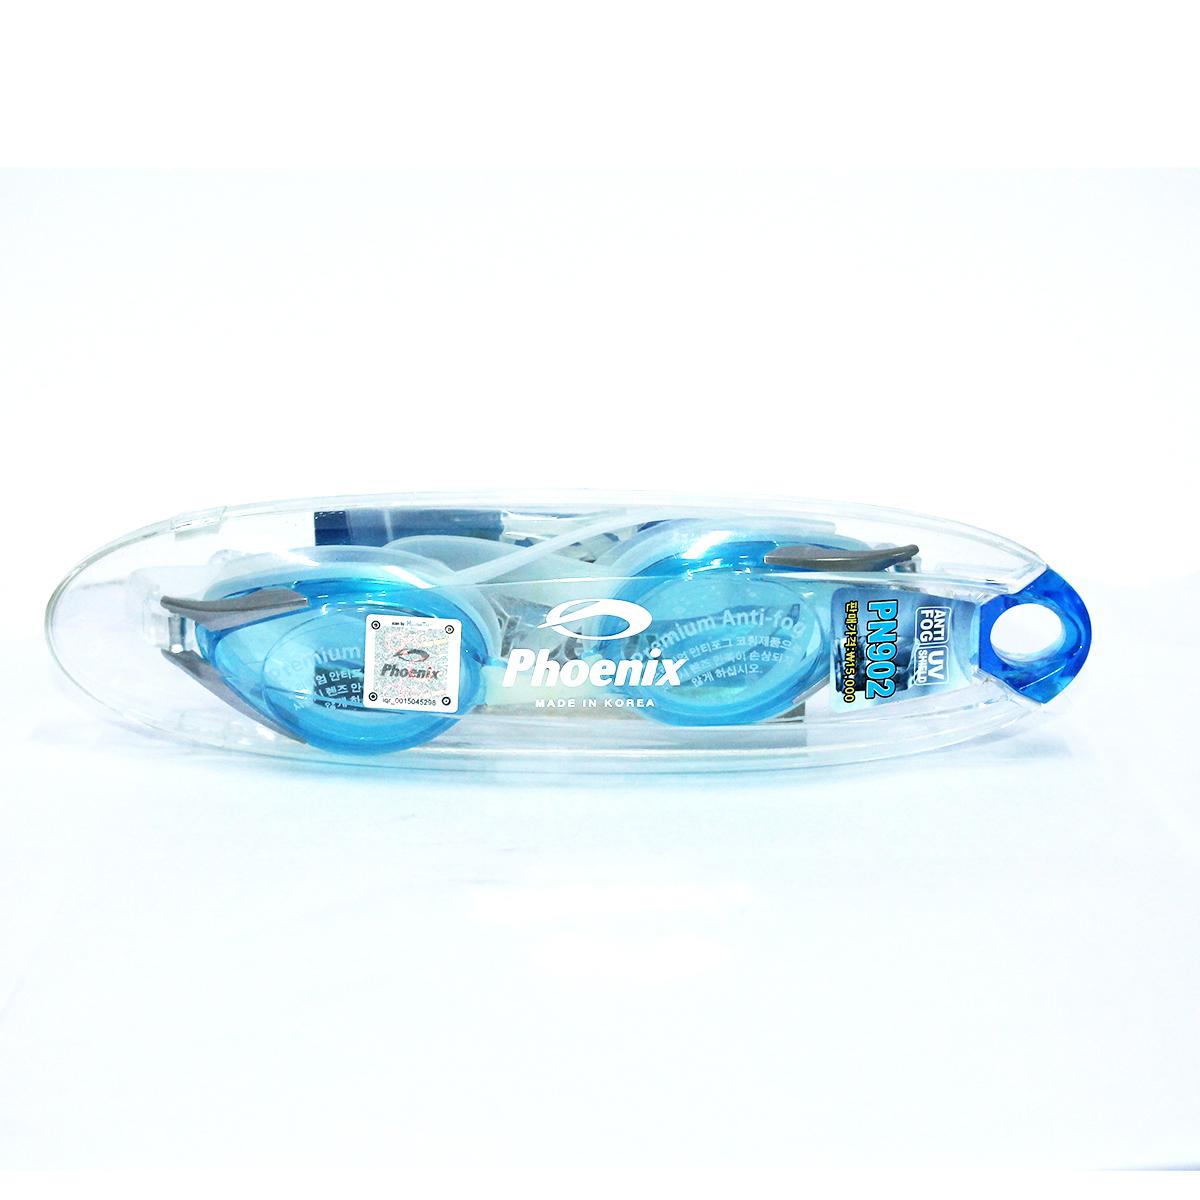 Kính bơi Phoenix Chính Hãng Hàn Quốc PN902 màu xanh tươi P902BL